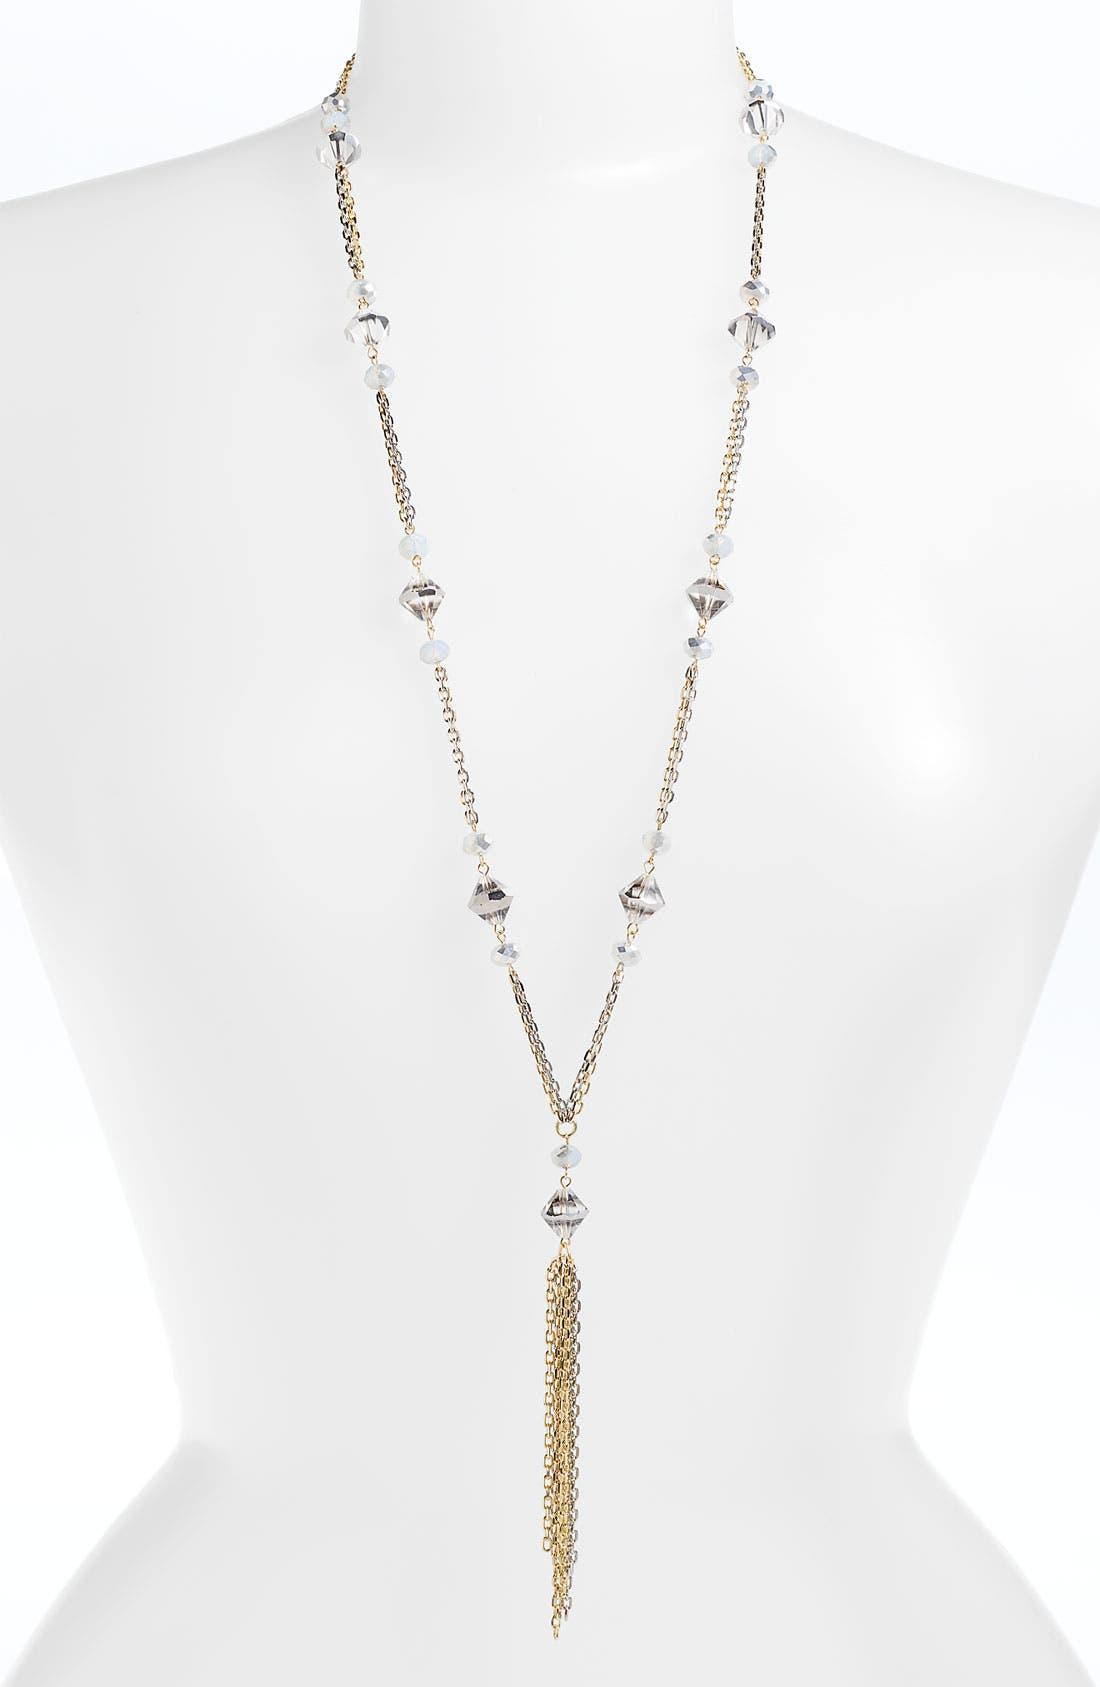 Main Image - Nordstrom 'Wisteria' Y-Necklace